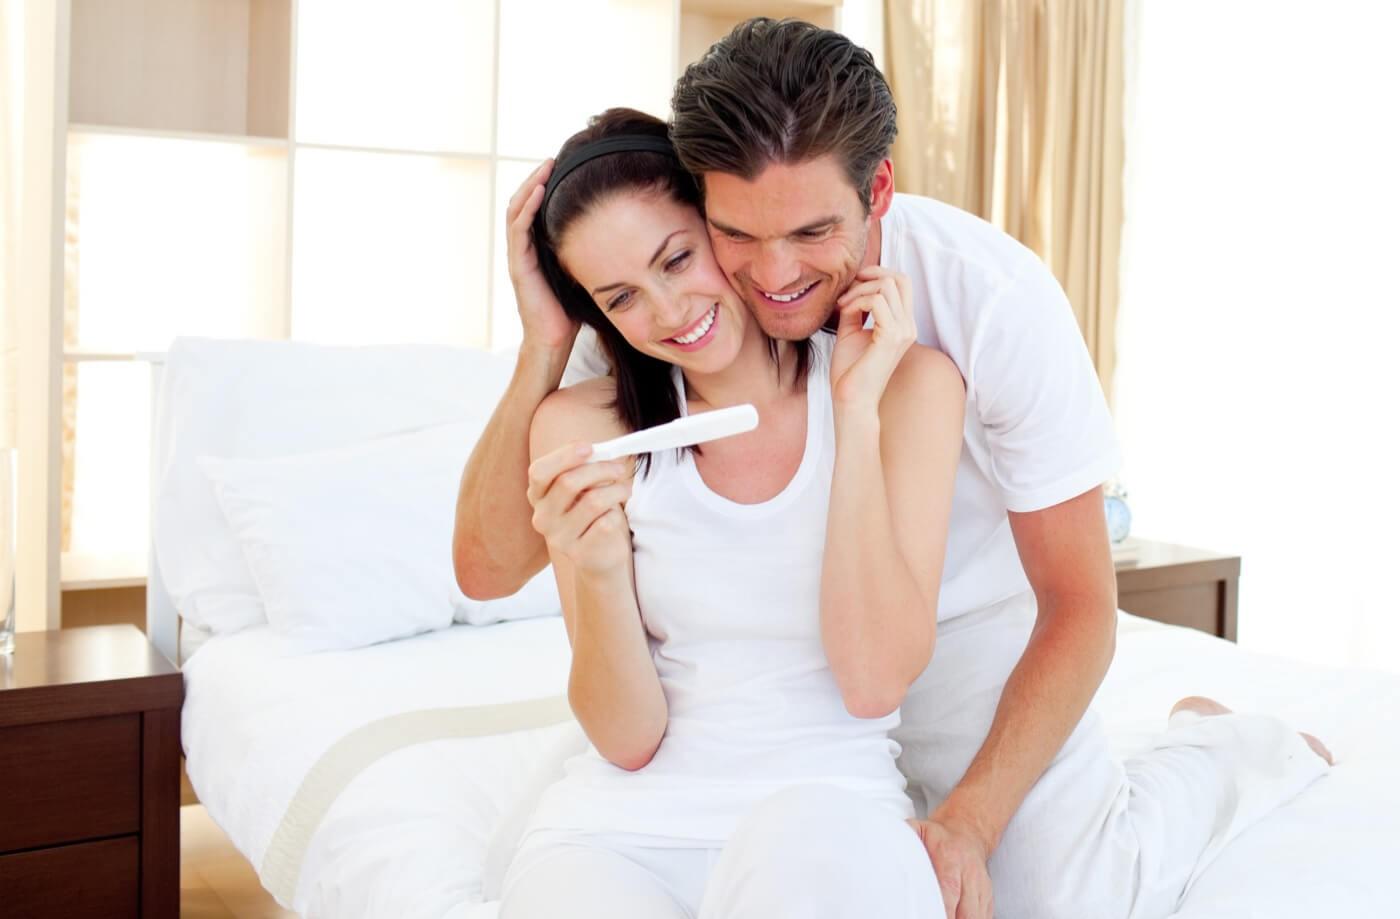 Выкидыш: причины, симптомы, последующее зачатие